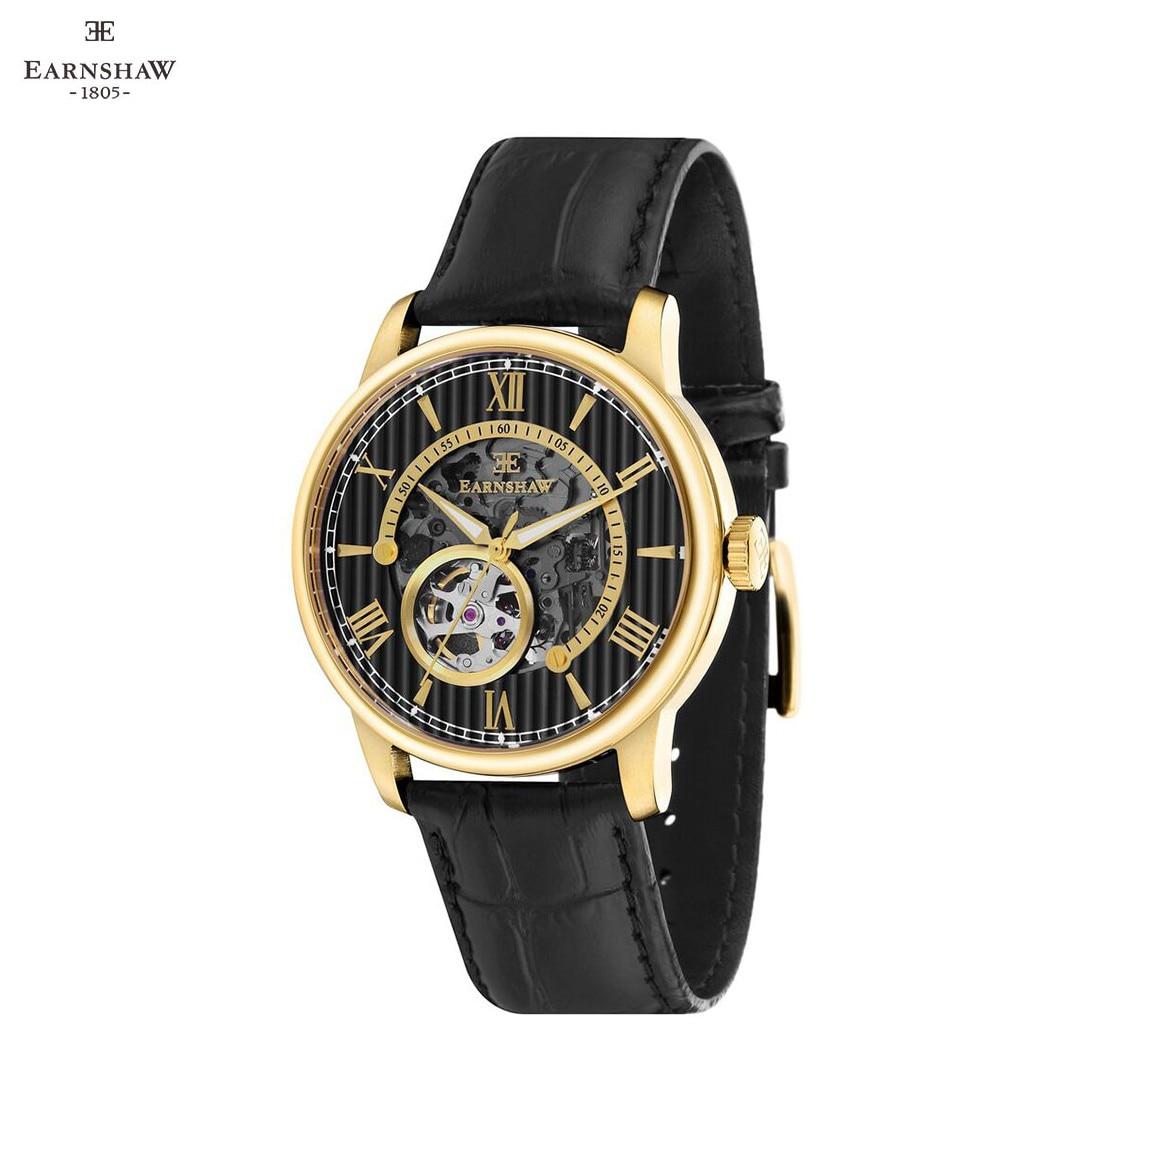 Наручные часы Earnshaw ES 8802 03 мужские механические с автоподзаводом на кожаном ремешке|Механические часы| | АлиЭкспресс